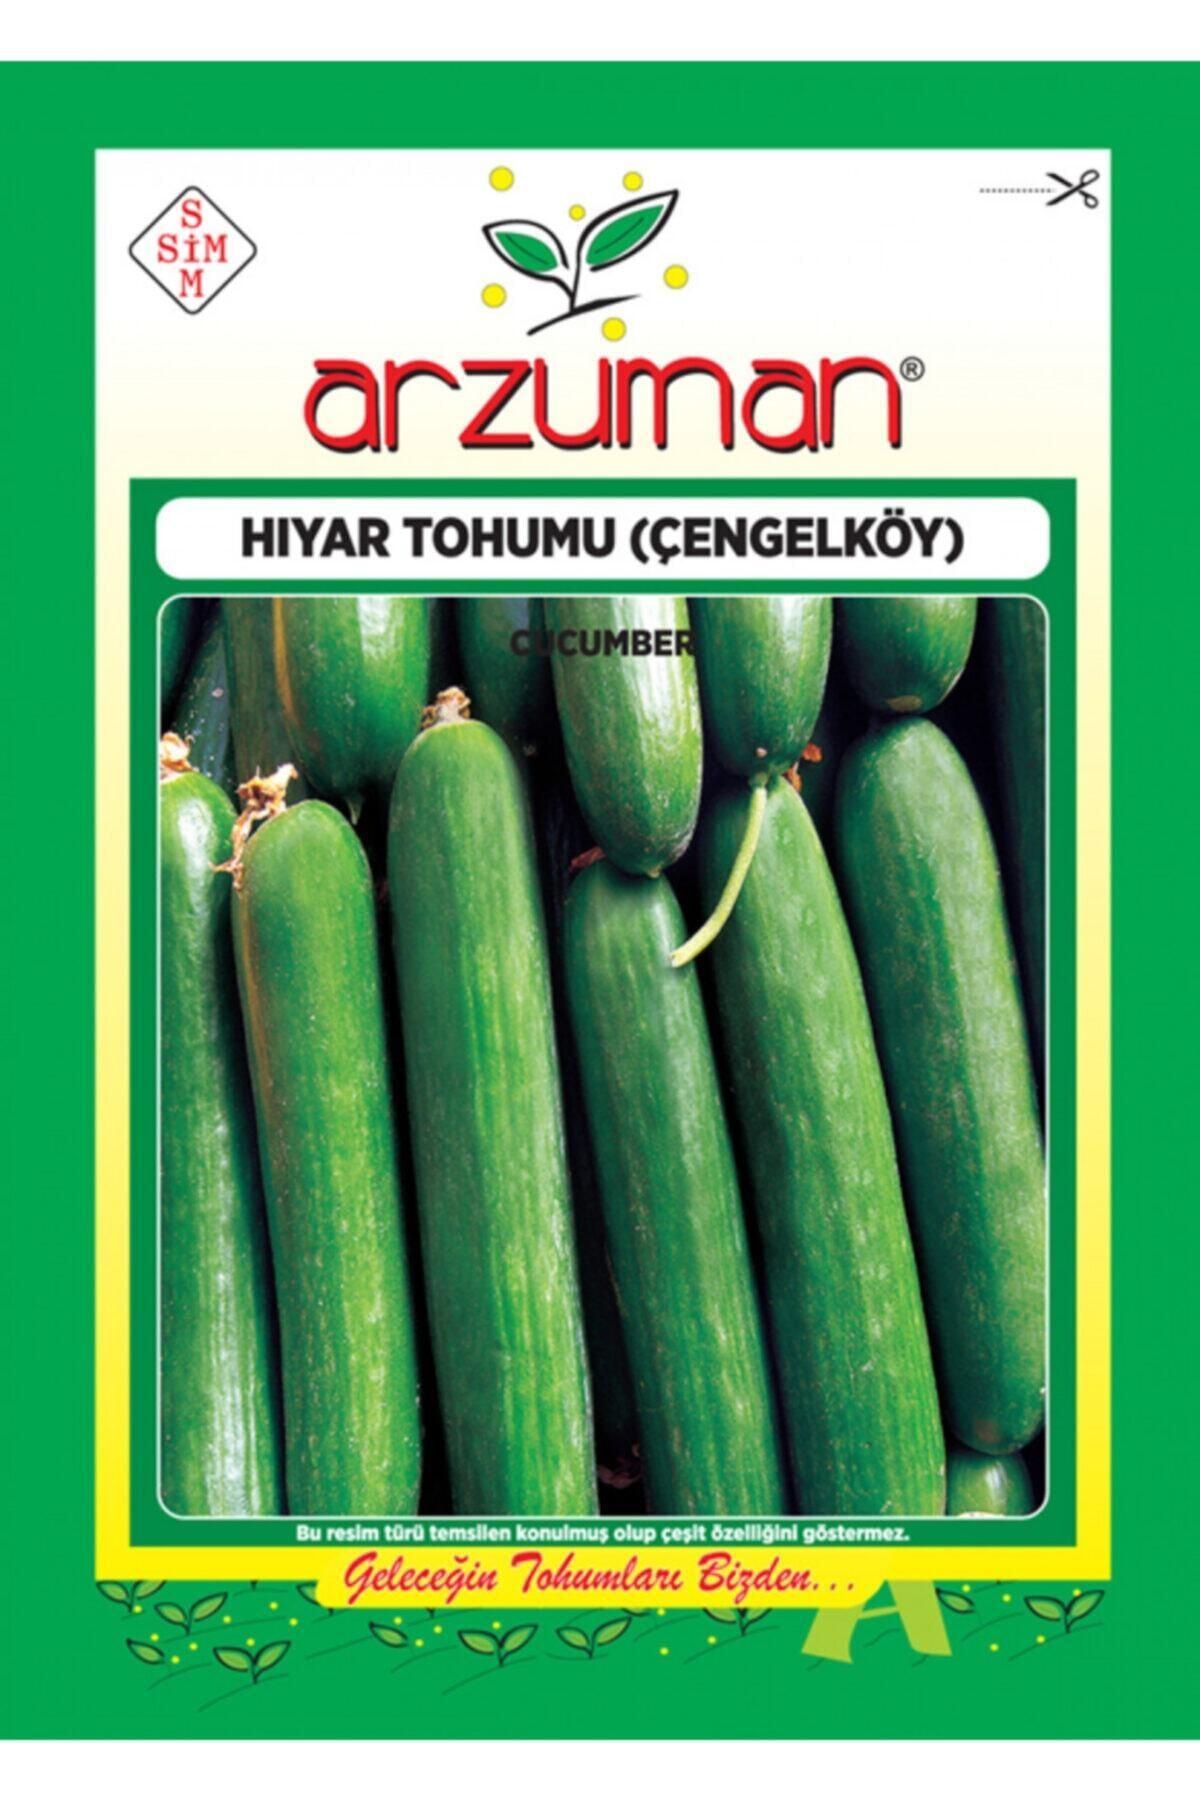 Arzuman Tohum Salatalık Tohumu Çengelköy Tipi 1